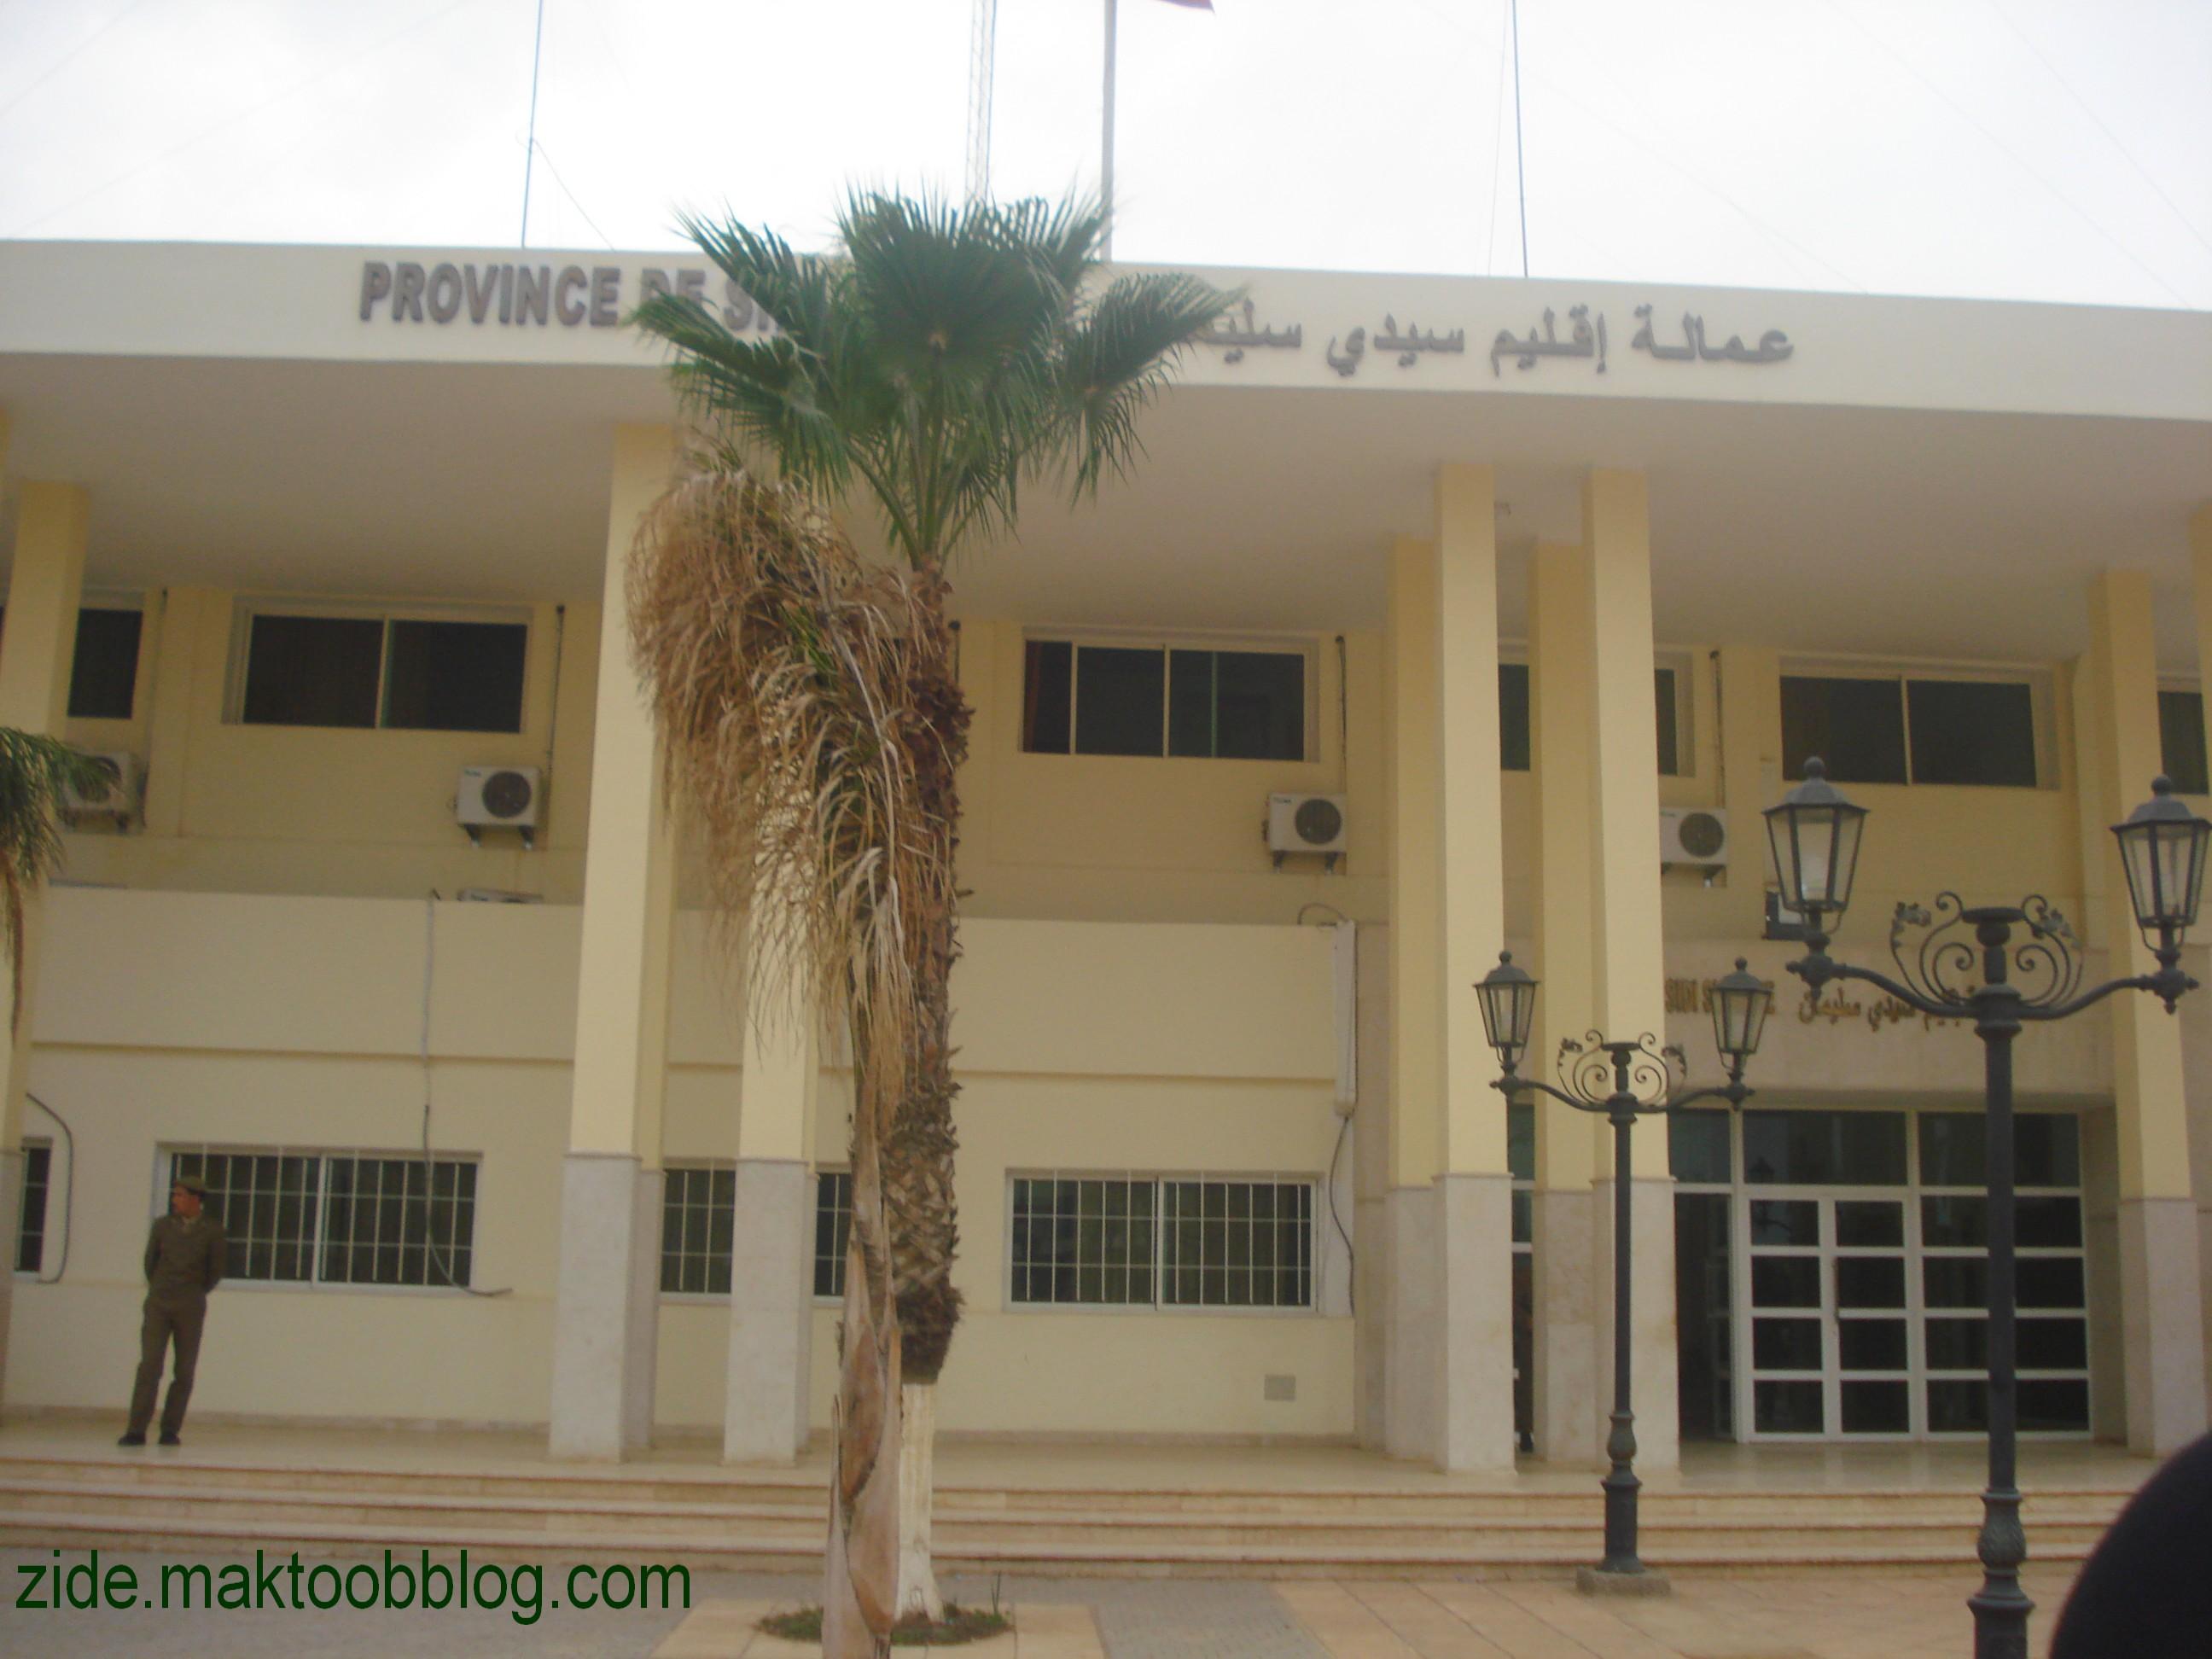 الجهل بالقانون قد يتسبب في عزل 10 أعضاء من جماعة سيدي سليمان ومن المجلس الإقليمي